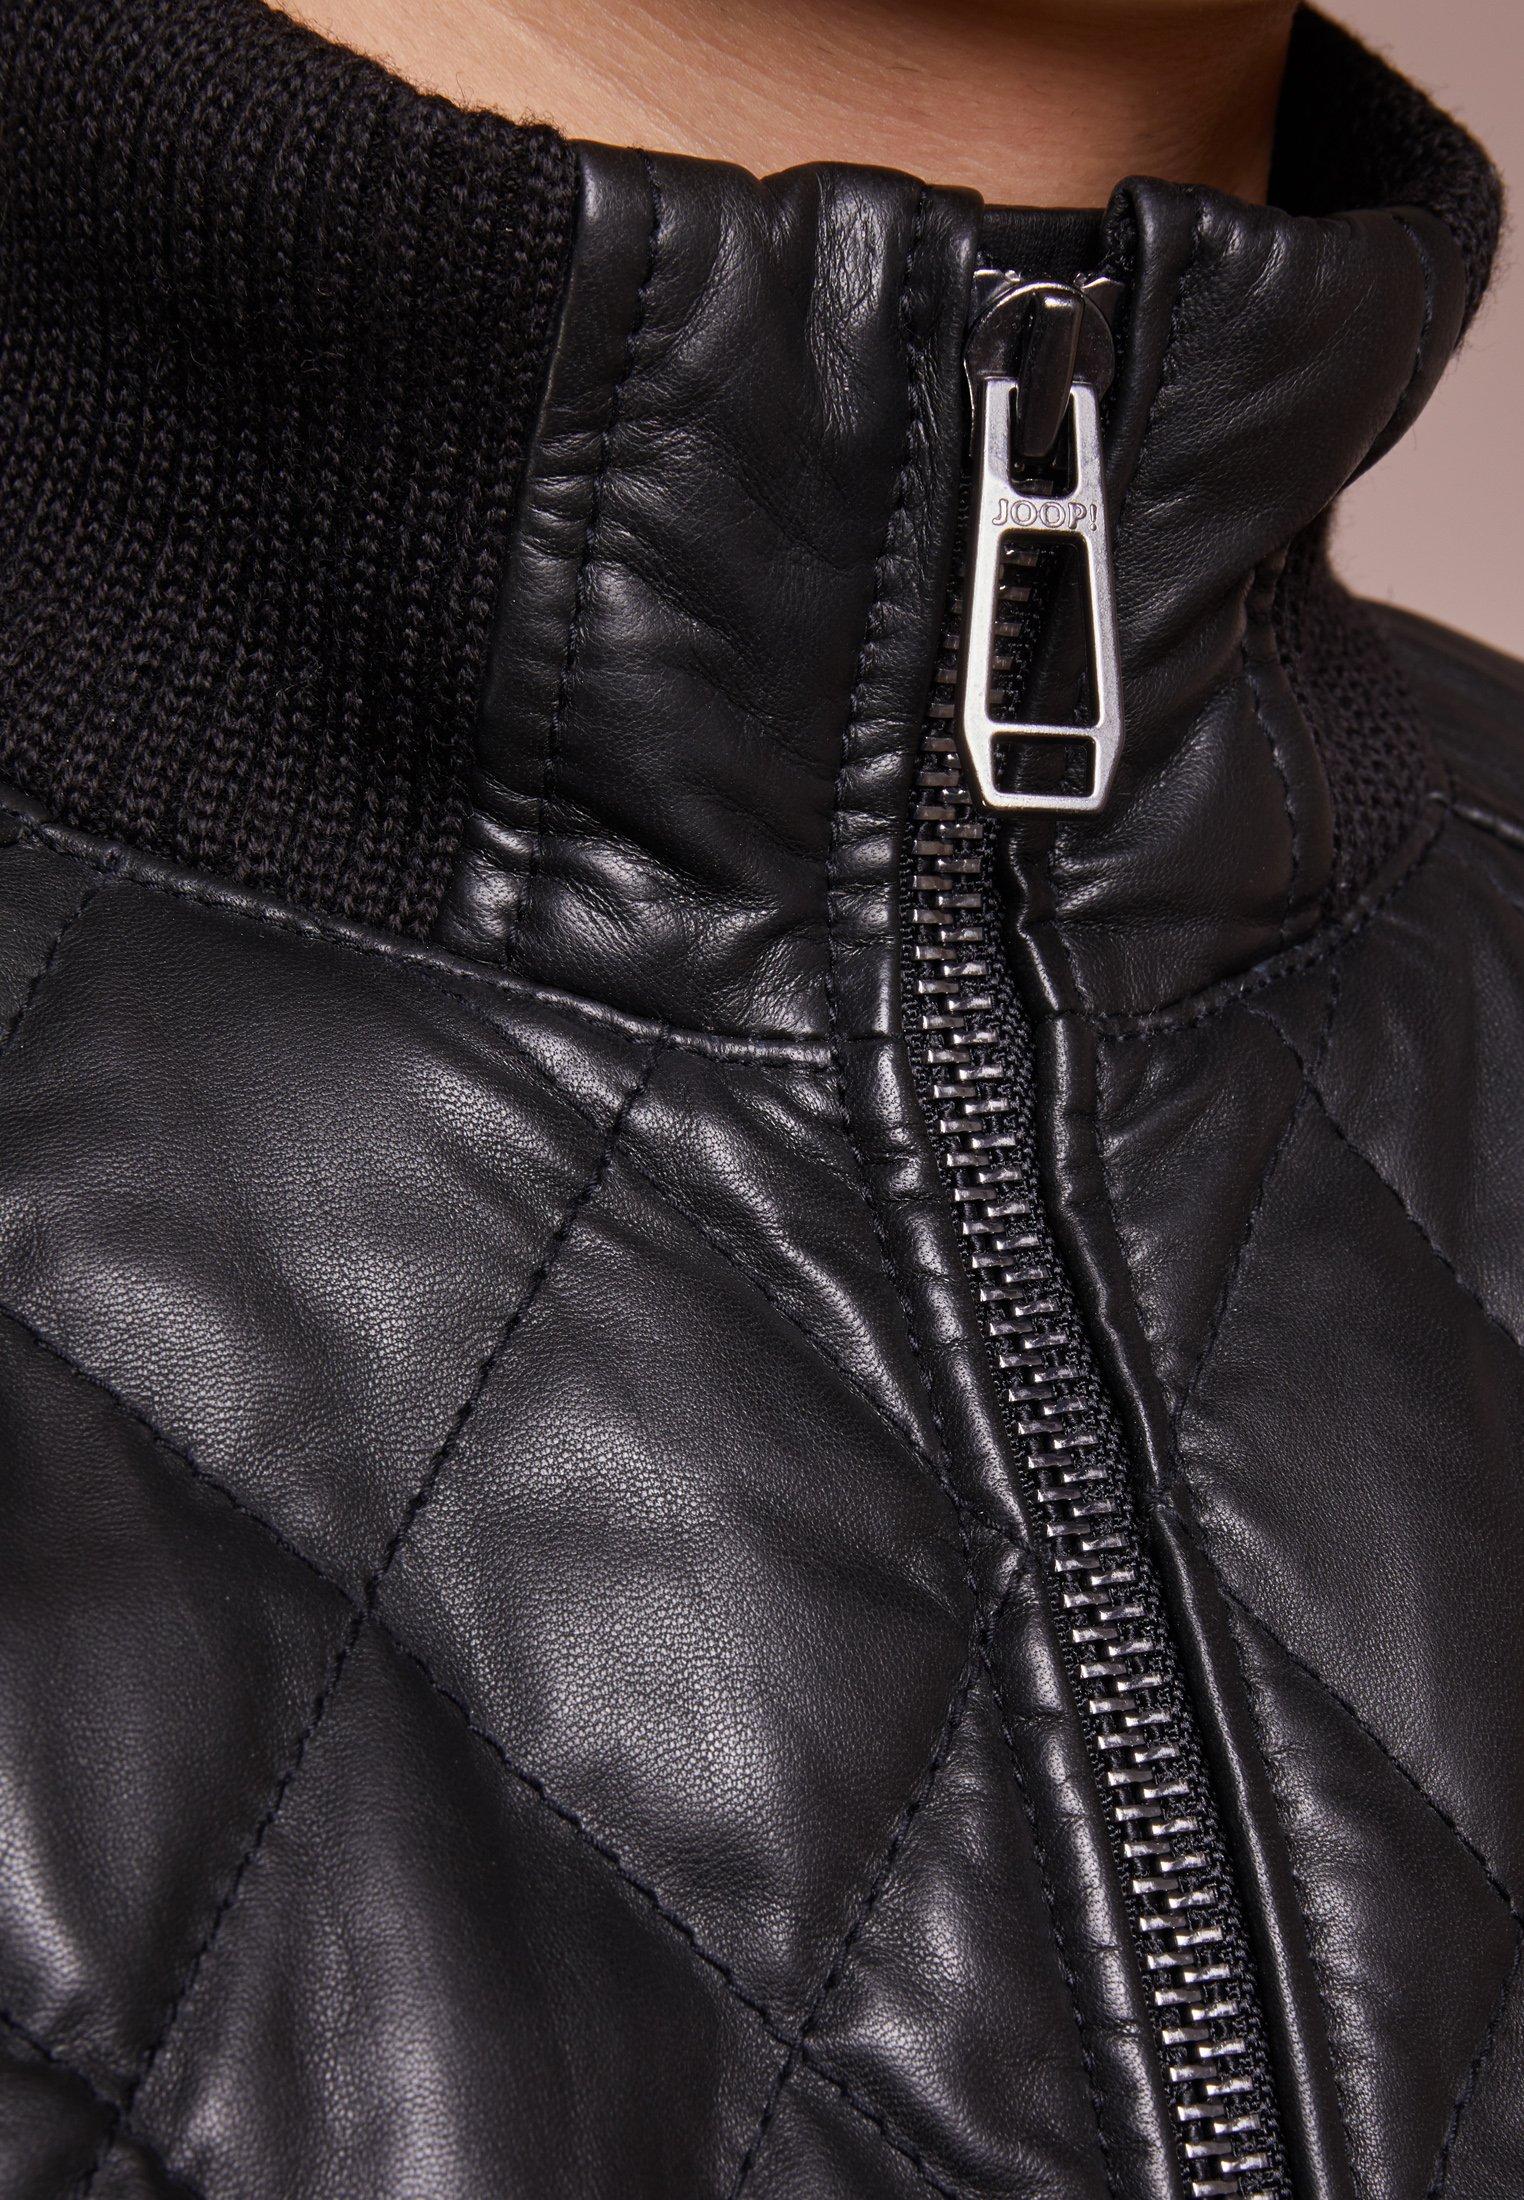 JOOP! GREG Veste en cuir schwarz ZALANDO.FR